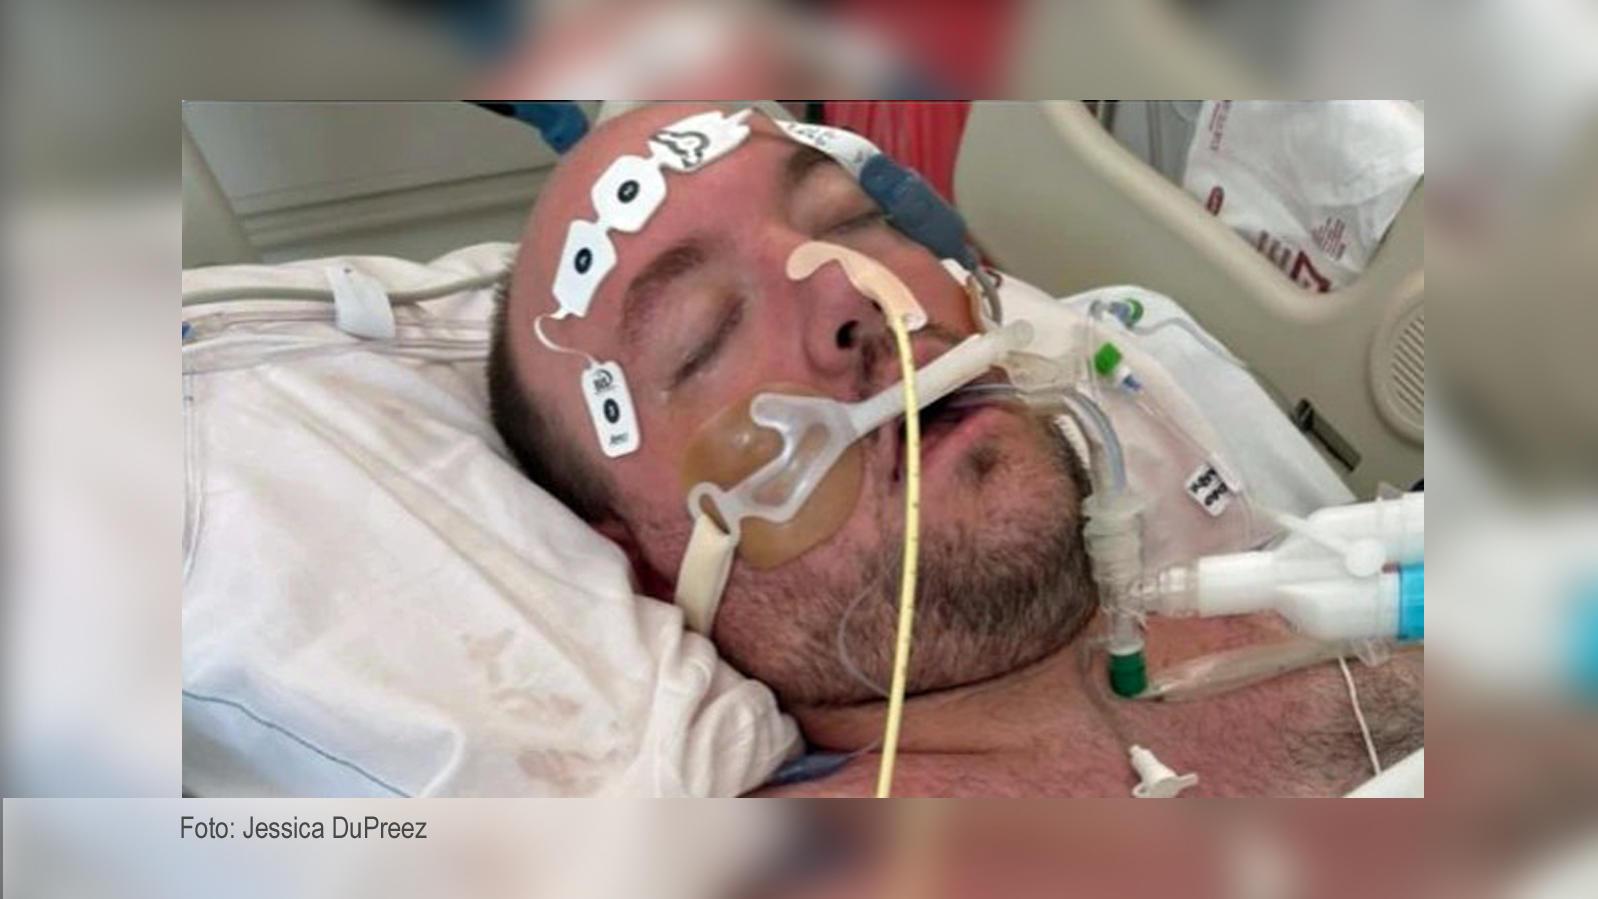 Die Ärzte kämpften vergeblich um Michael Freedys Leben. (Foto: Jessica DuPreez)